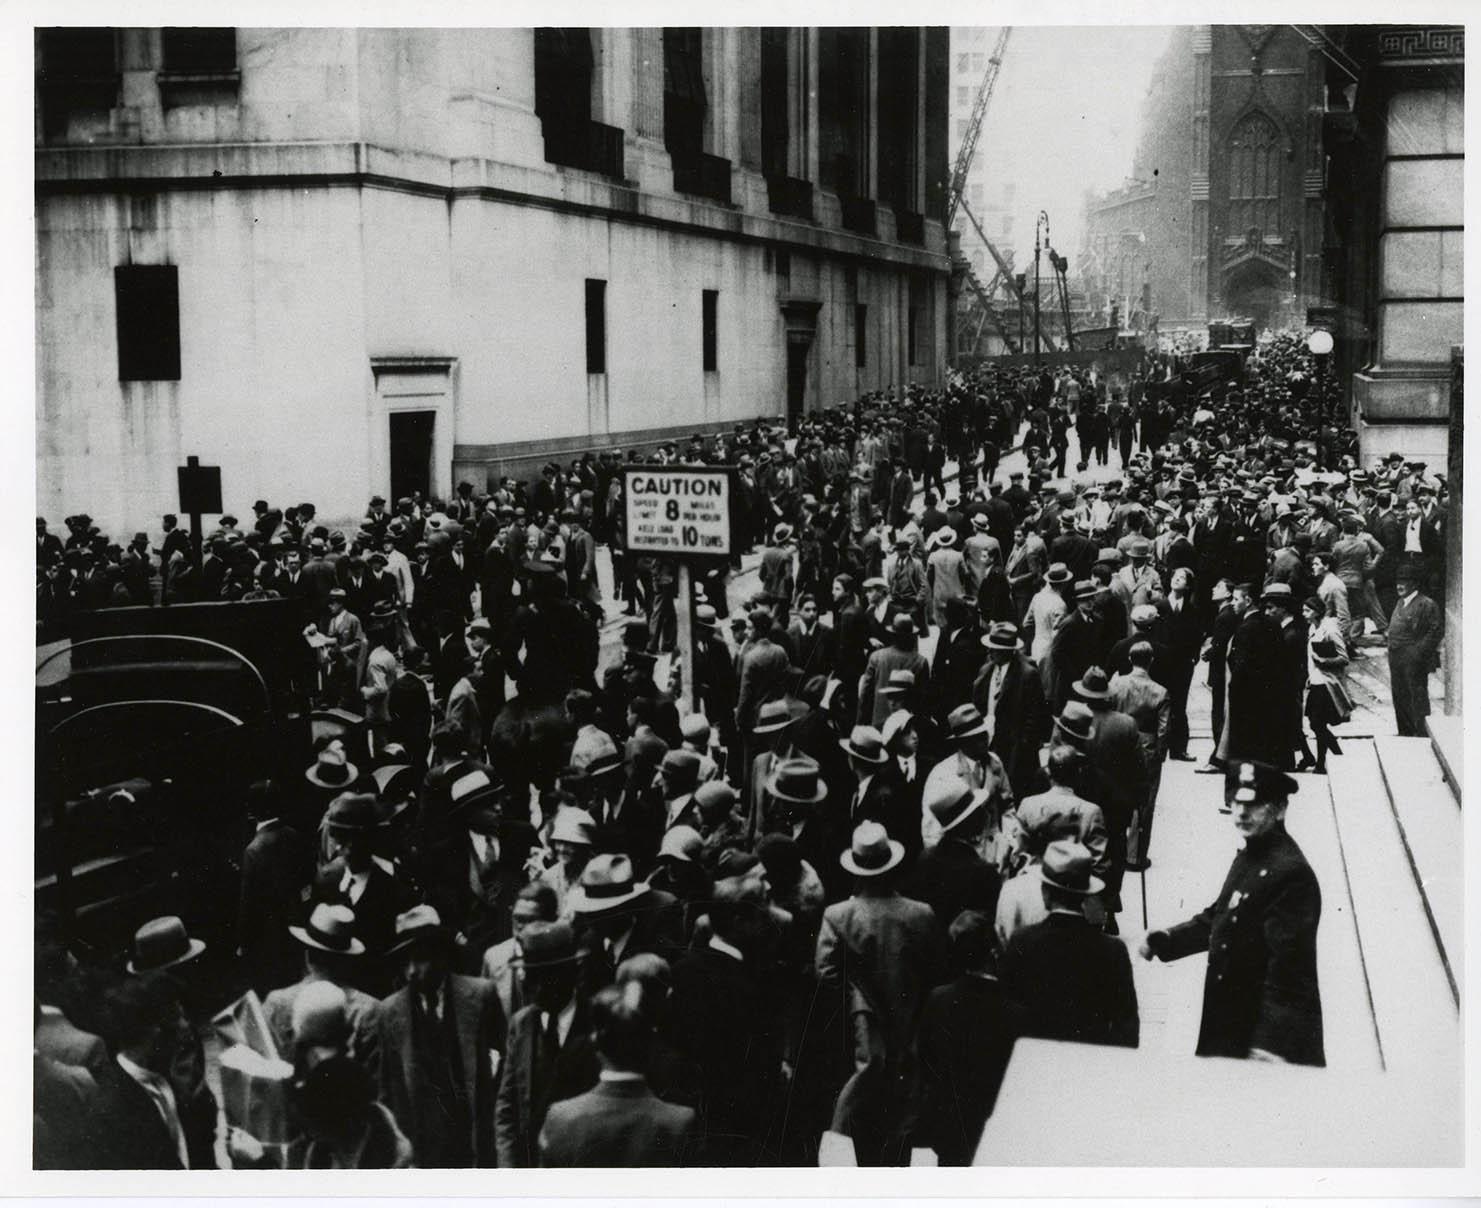 Wall Street, NY NY near the time of the stock market crash. ca. 1929.